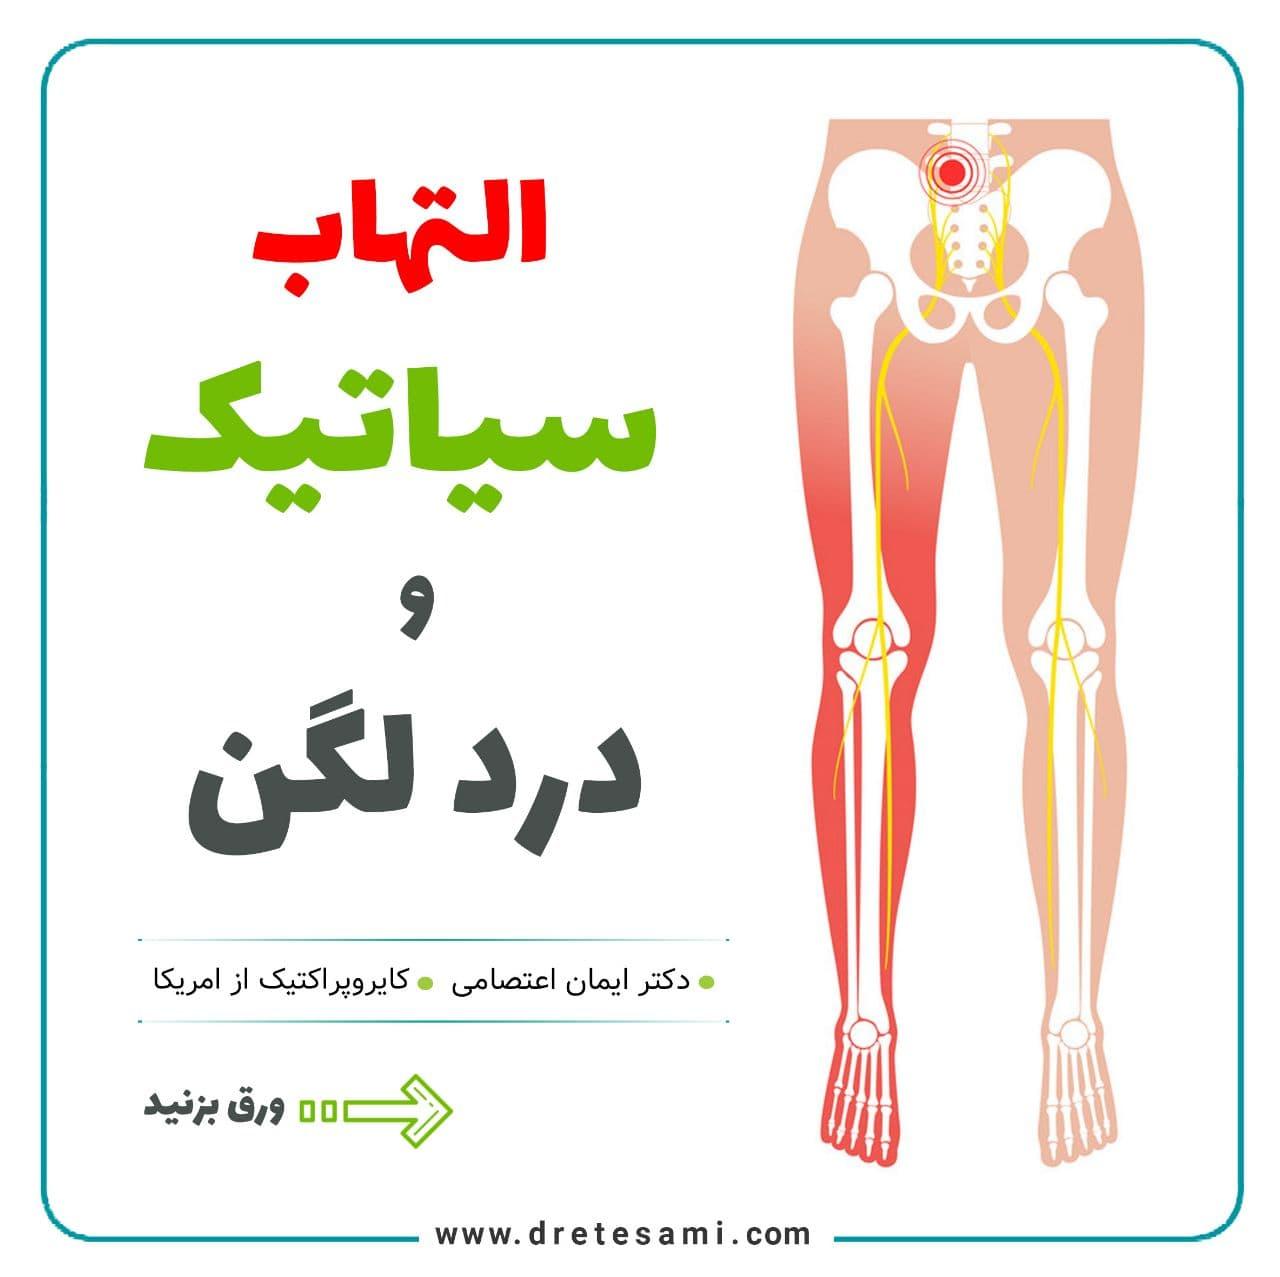 التهاب سیاتیک و درد لگن